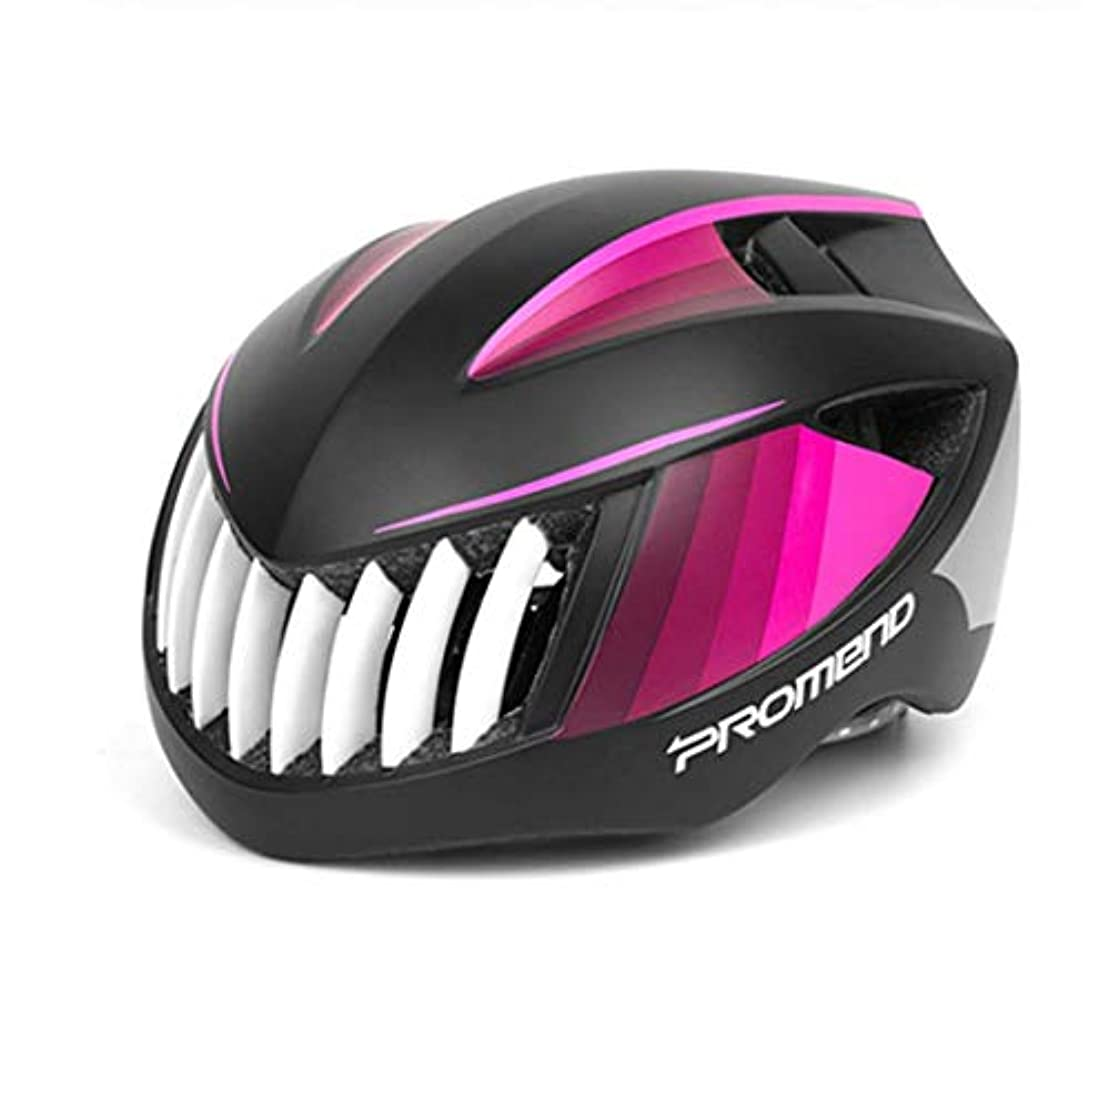 高音サスペンションお風呂自転車ヘルメット、軽量ライディングヘルメット PC 屋外サイクリングヘルメット調整しやすいユニセックス大人スポーツヘルメット (頭囲 57-62cm)